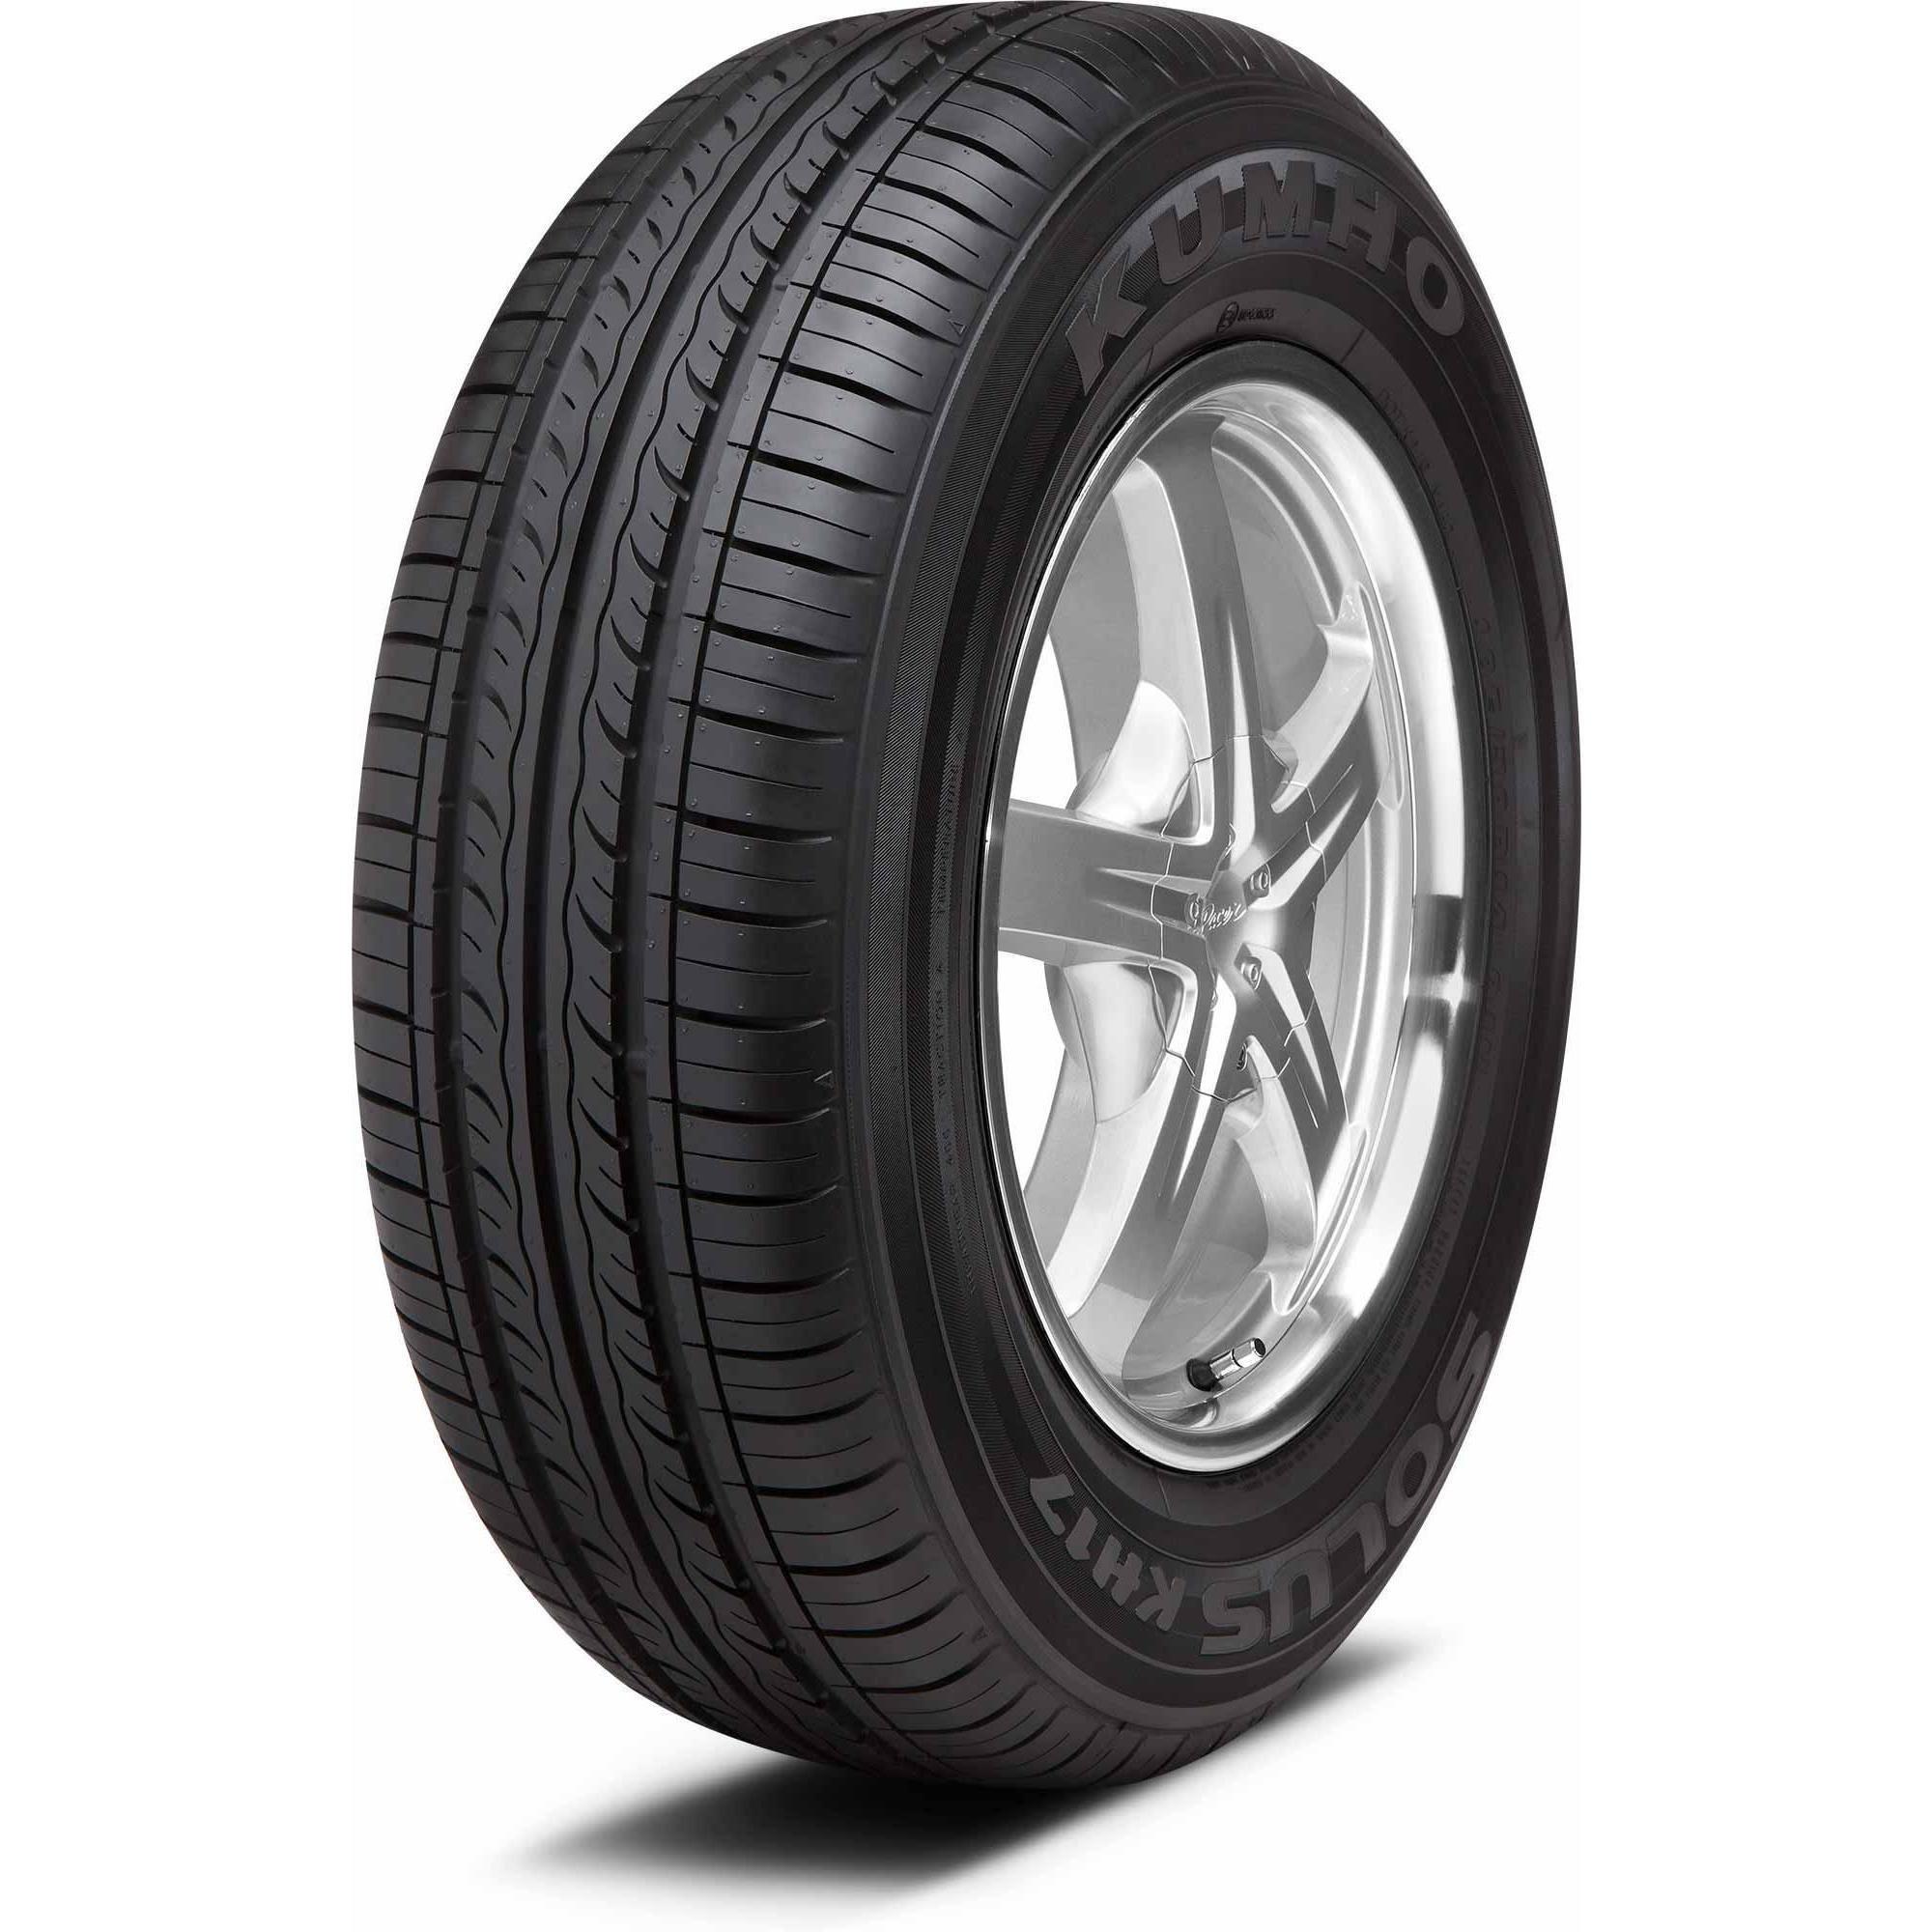 Neumático KUMHO Solus KH17 135/80R13 70 T